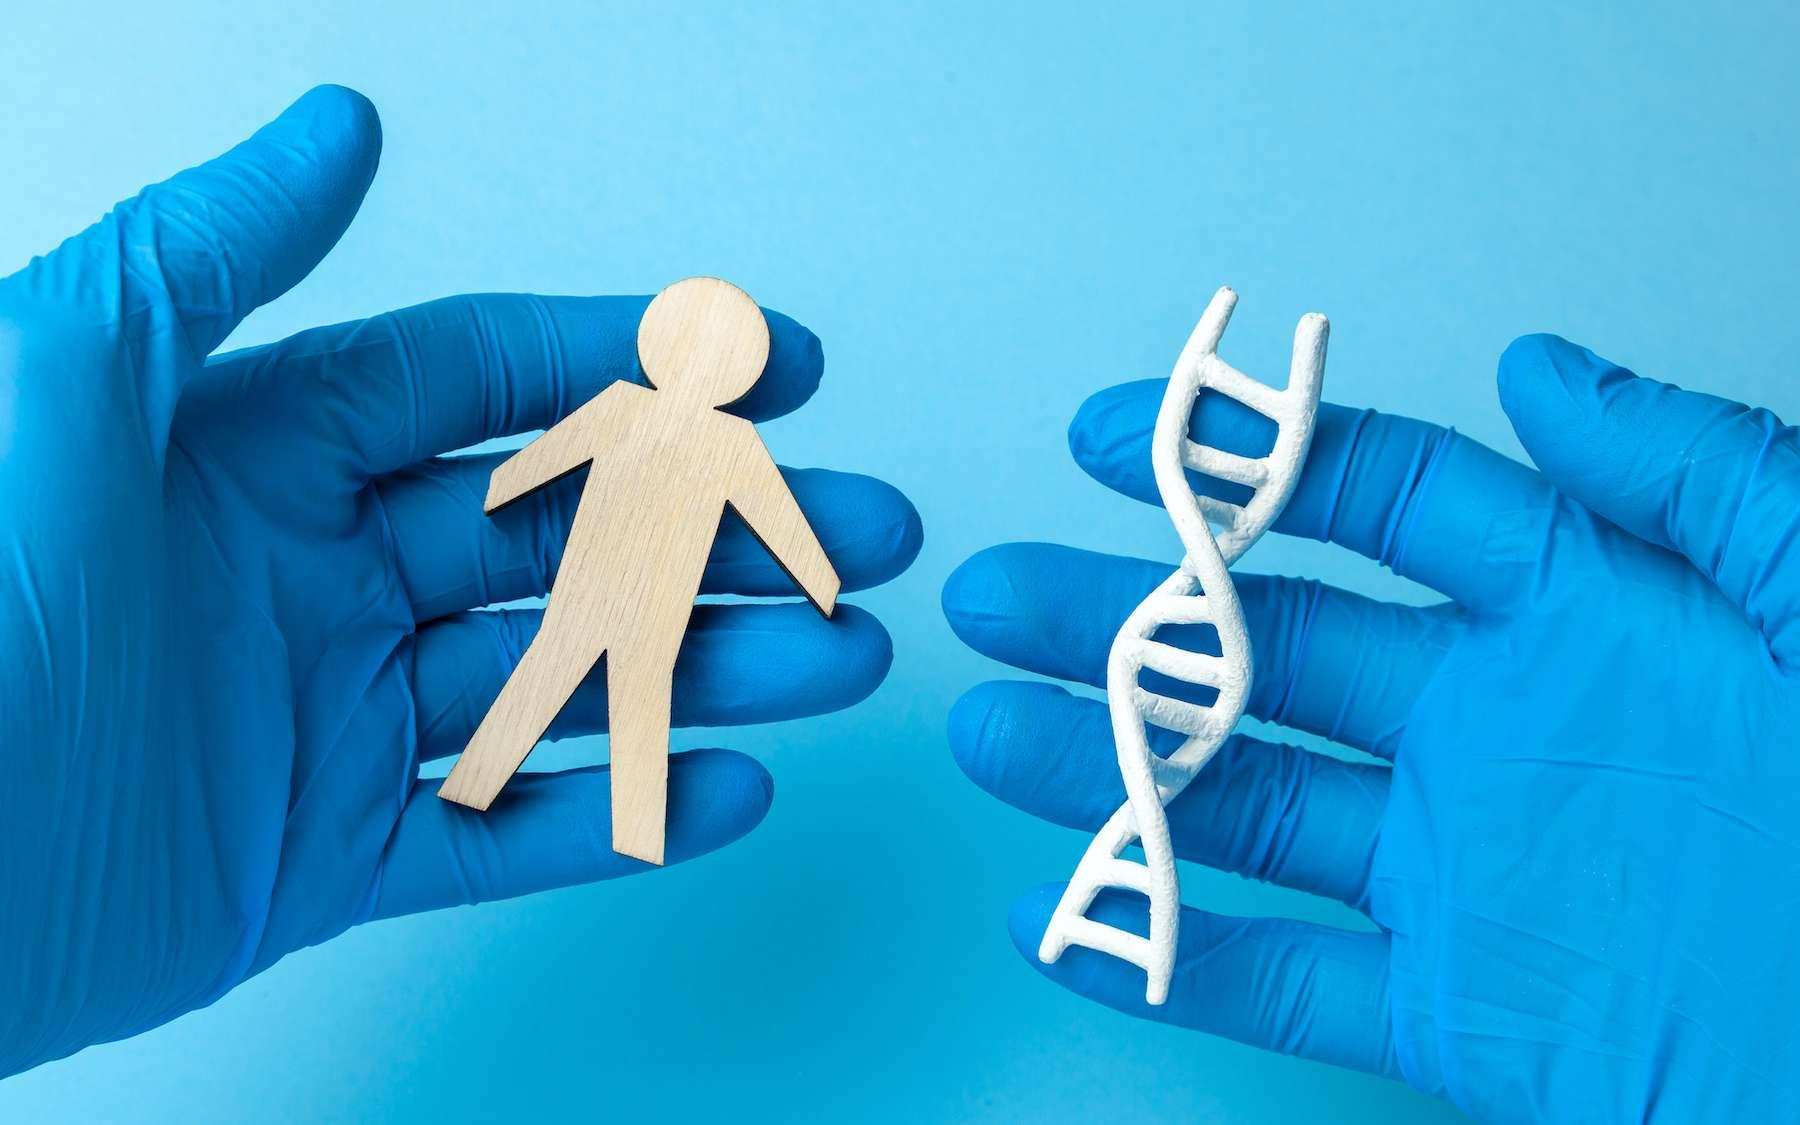 Une grande partie de notre patrimoine génétique provient d'anciennes espèces d'hominidés. © adragan, Adobe Stock